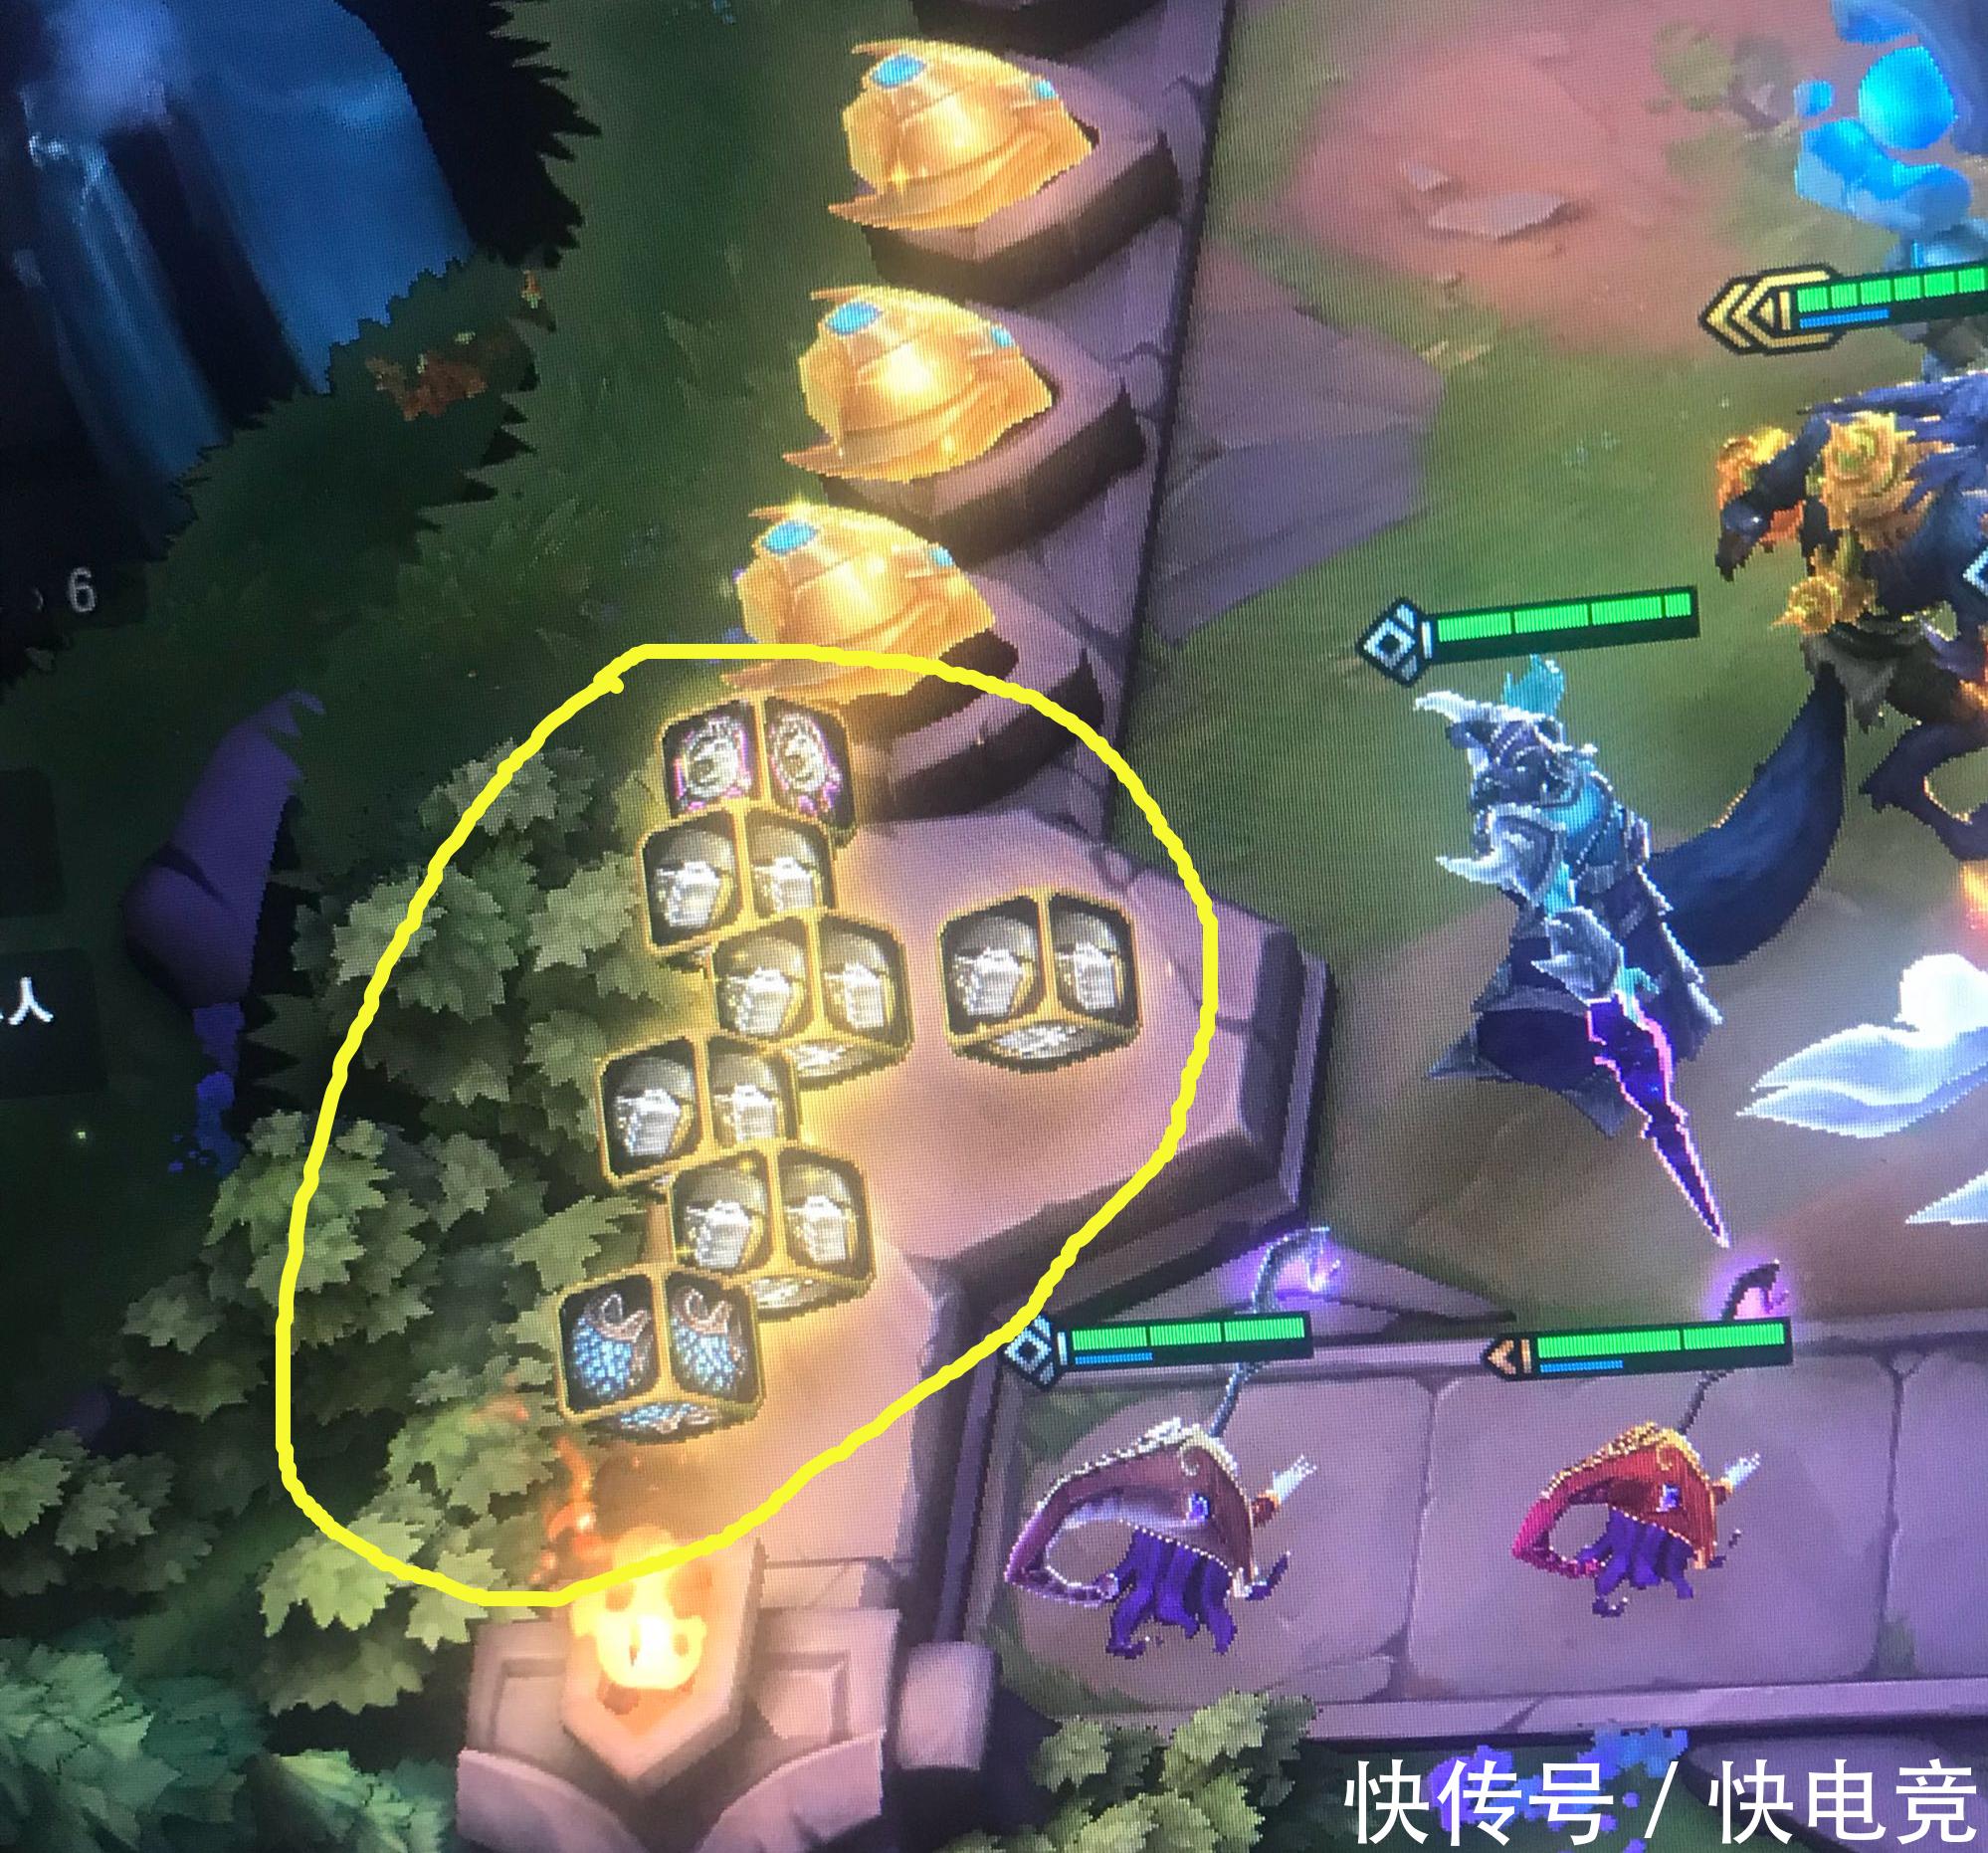 云顶之弈开挂玩家在游戏中遇到一个承认自己开挂的对手!(图4)